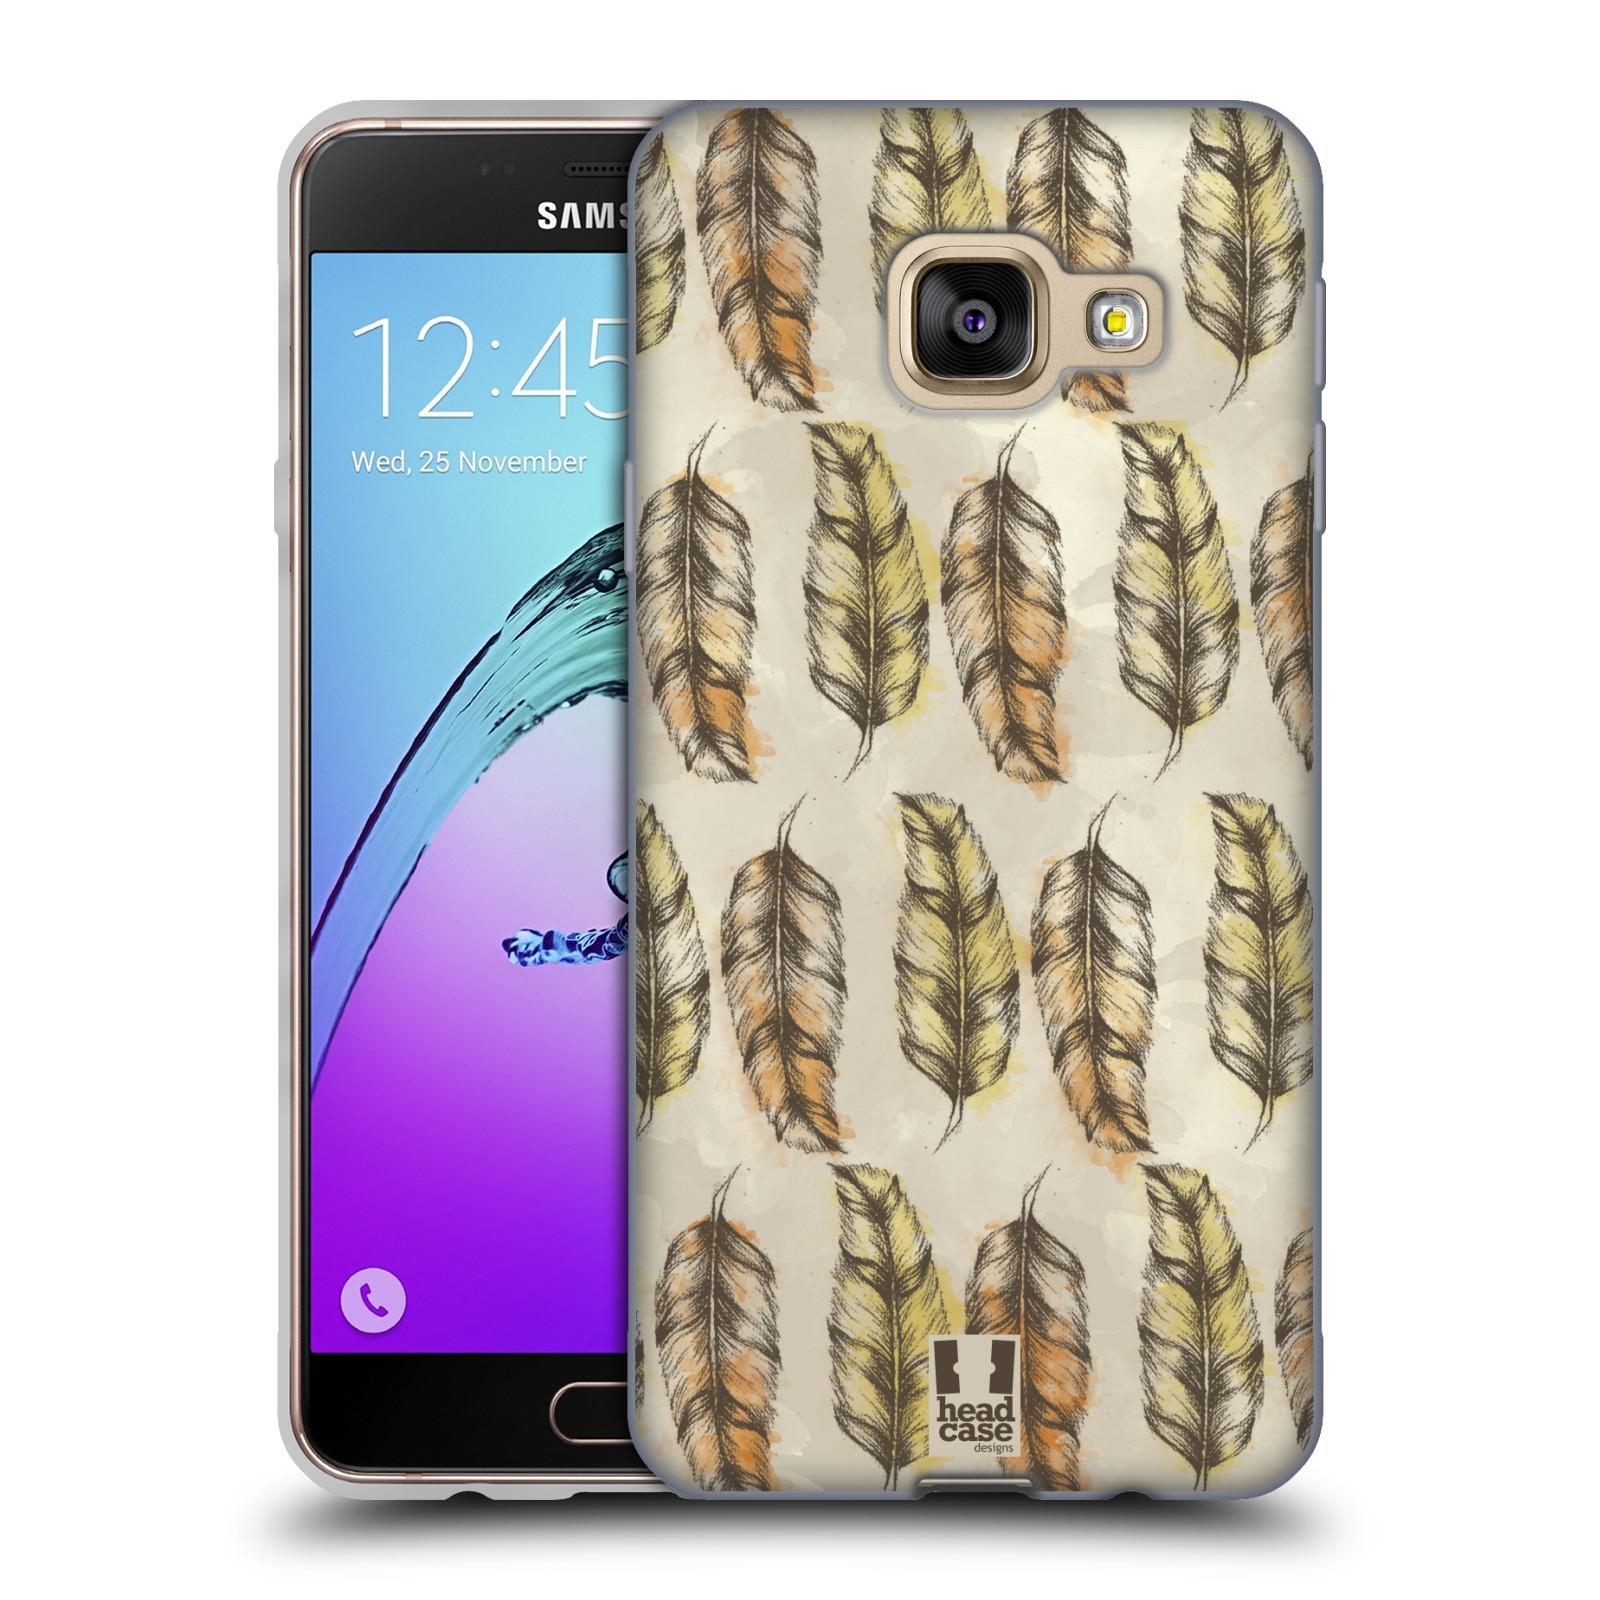 Silikonové pouzdro na mobil Samsung Galaxy A3 (2016) - Head Case - Bohémská pírka (Silikonový kryt či obal na mobilní telefon s motivem Bohemian Soul pro Samsung Galaxy A3 (2016) SM-A310F)